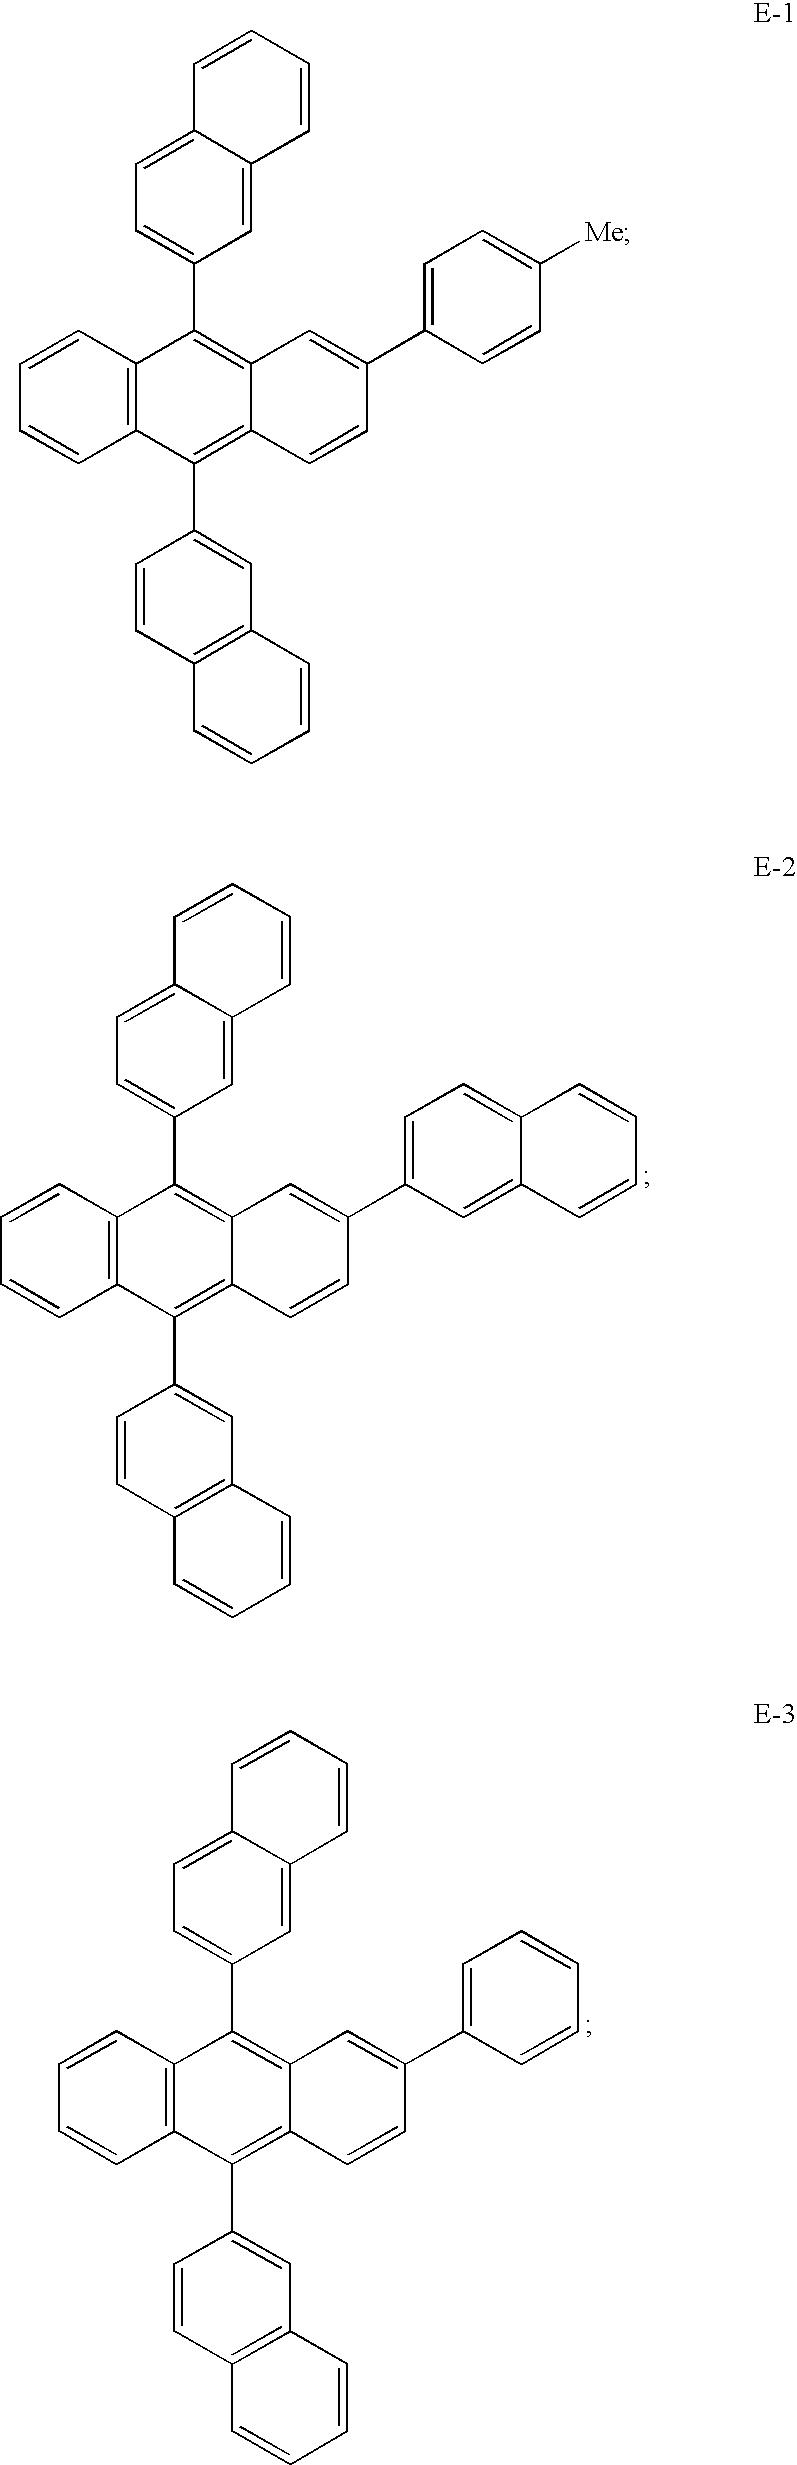 Figure US20090115316A1-20090507-C00010